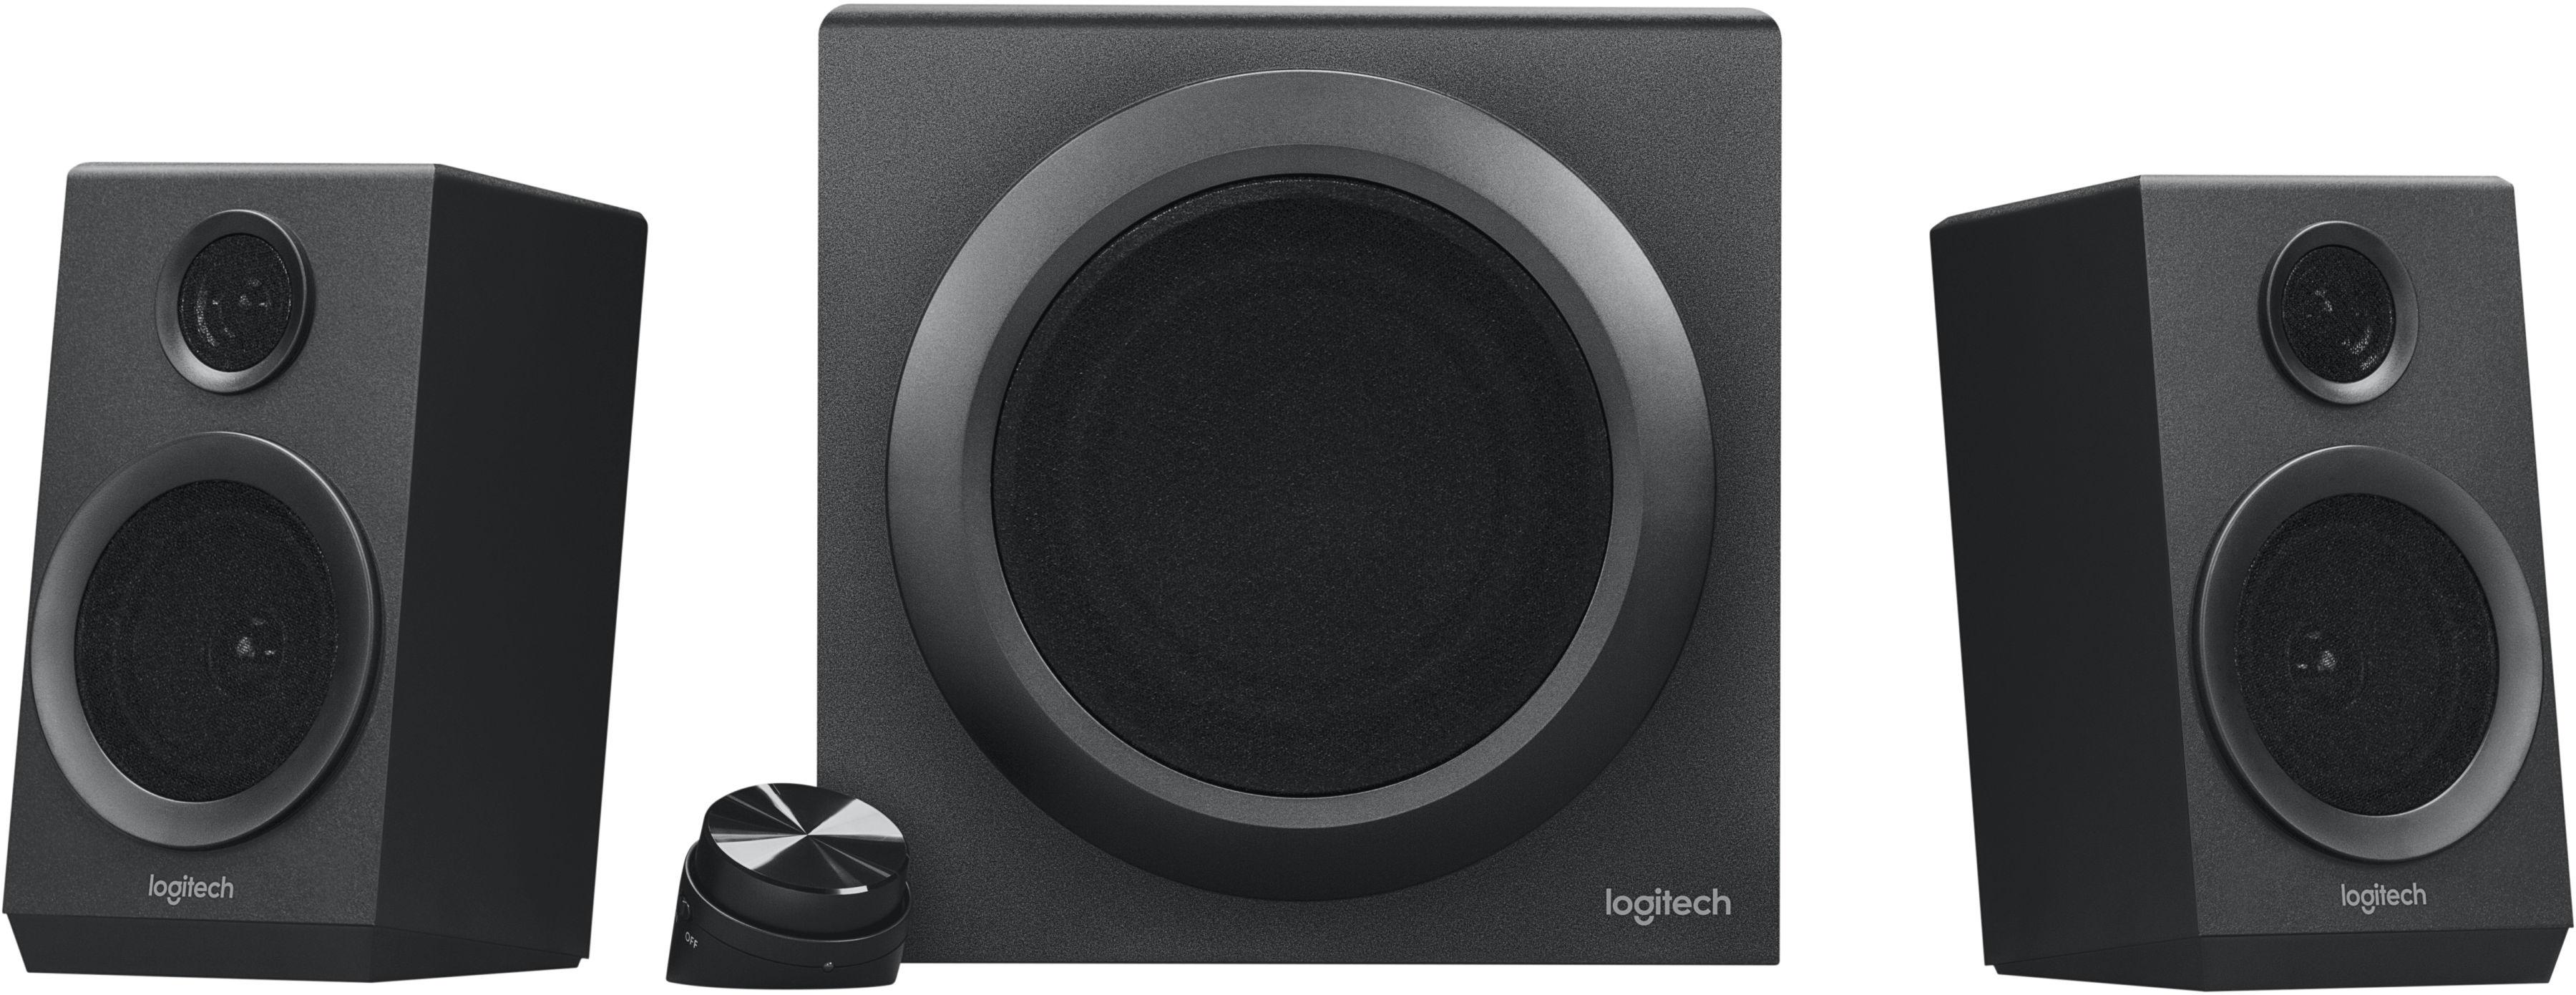 Logitech 980-001202 Z333 2.1 channels 40 W Universal black 80 W Wired